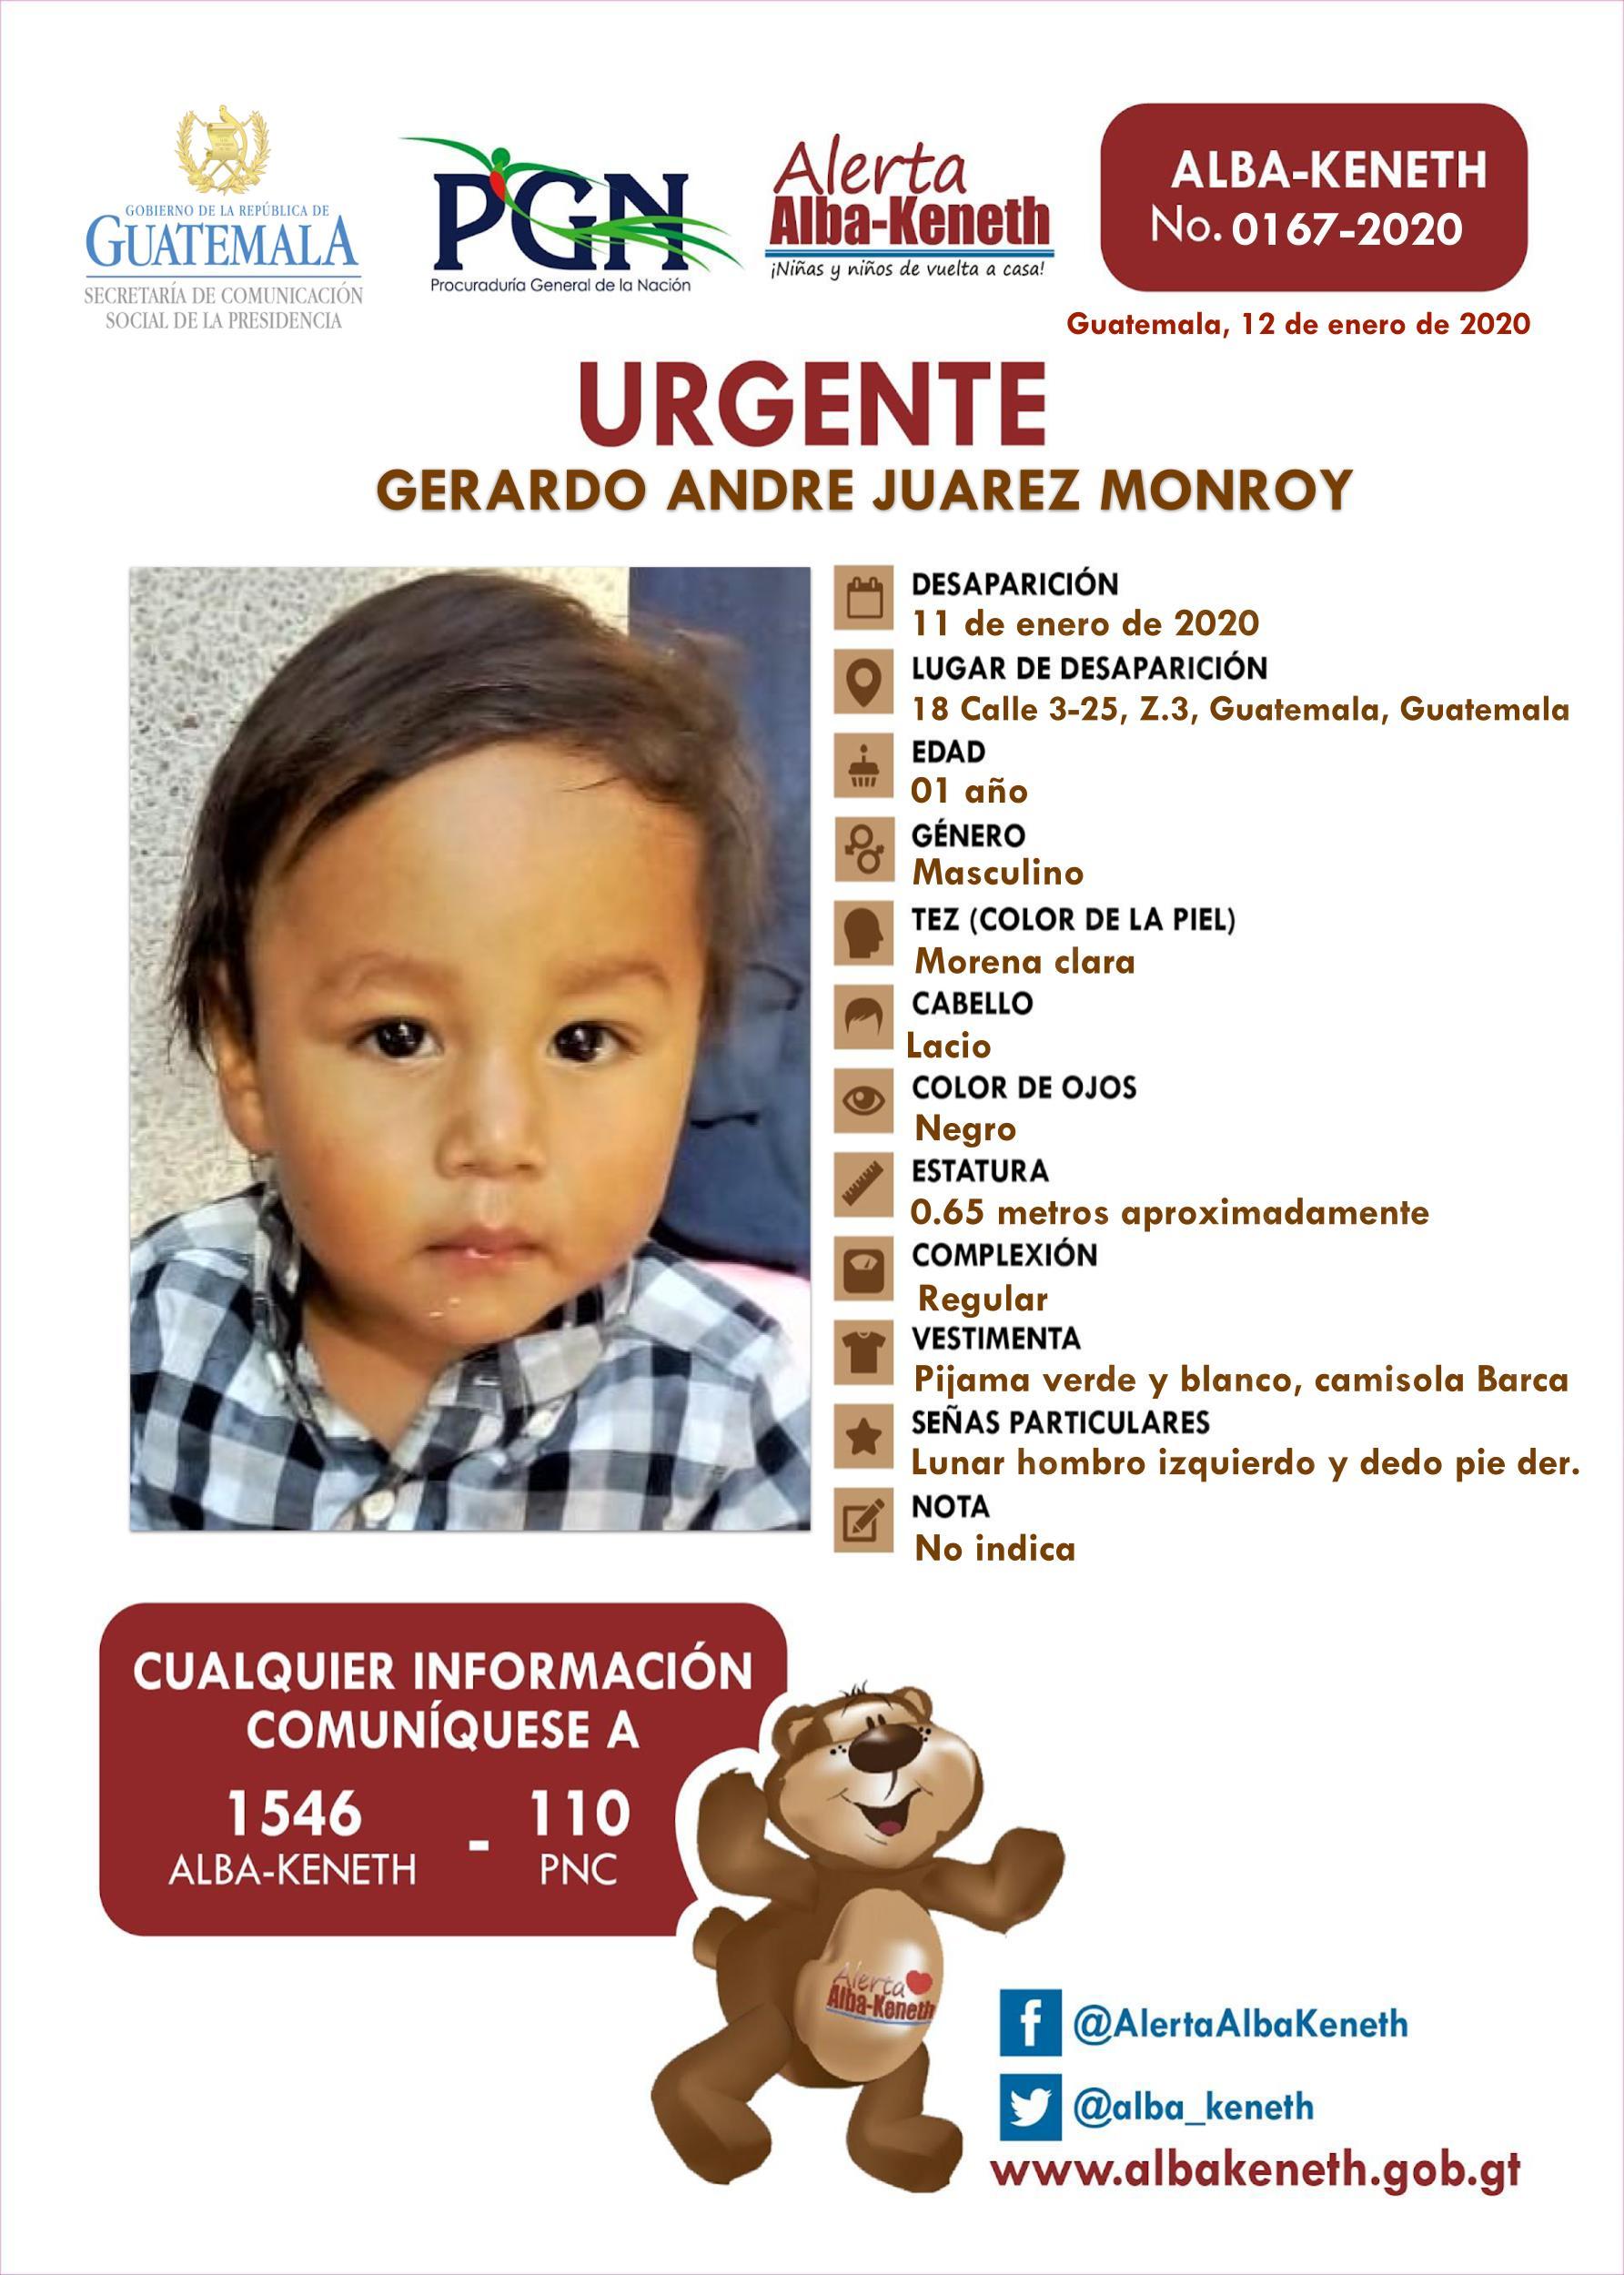 Gerardo Andre Juarez Monroy